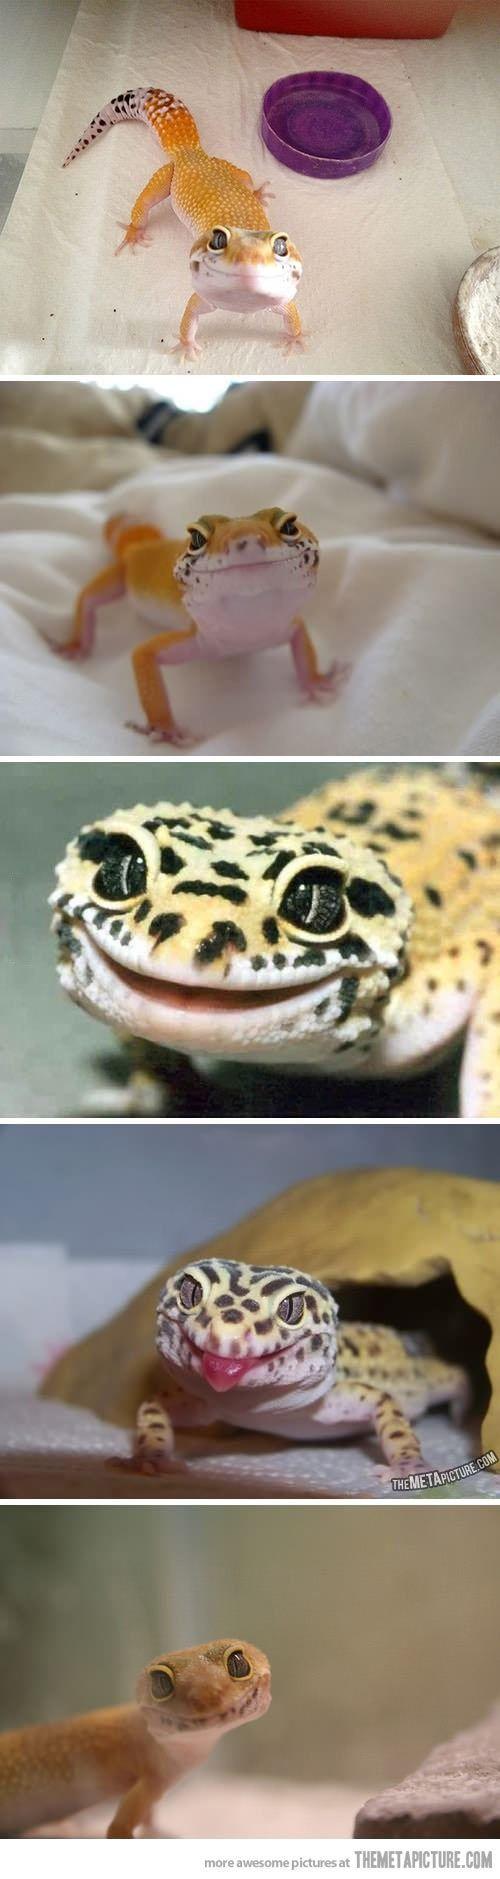 So many happy geckos :D